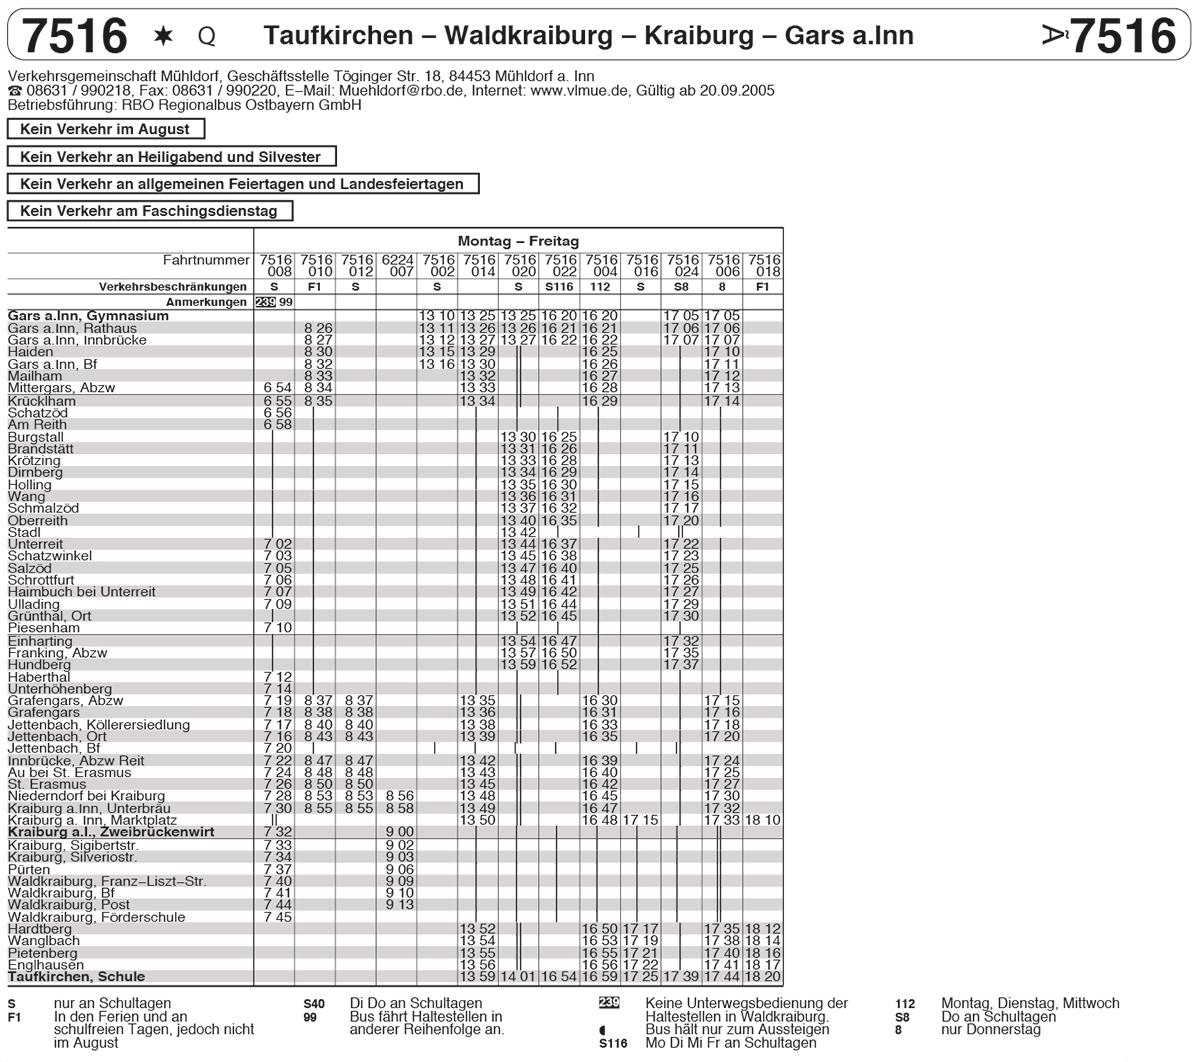 klein_sturz_linienverkehr_Fahrplan 7516 Taufkirchen - Gars_02